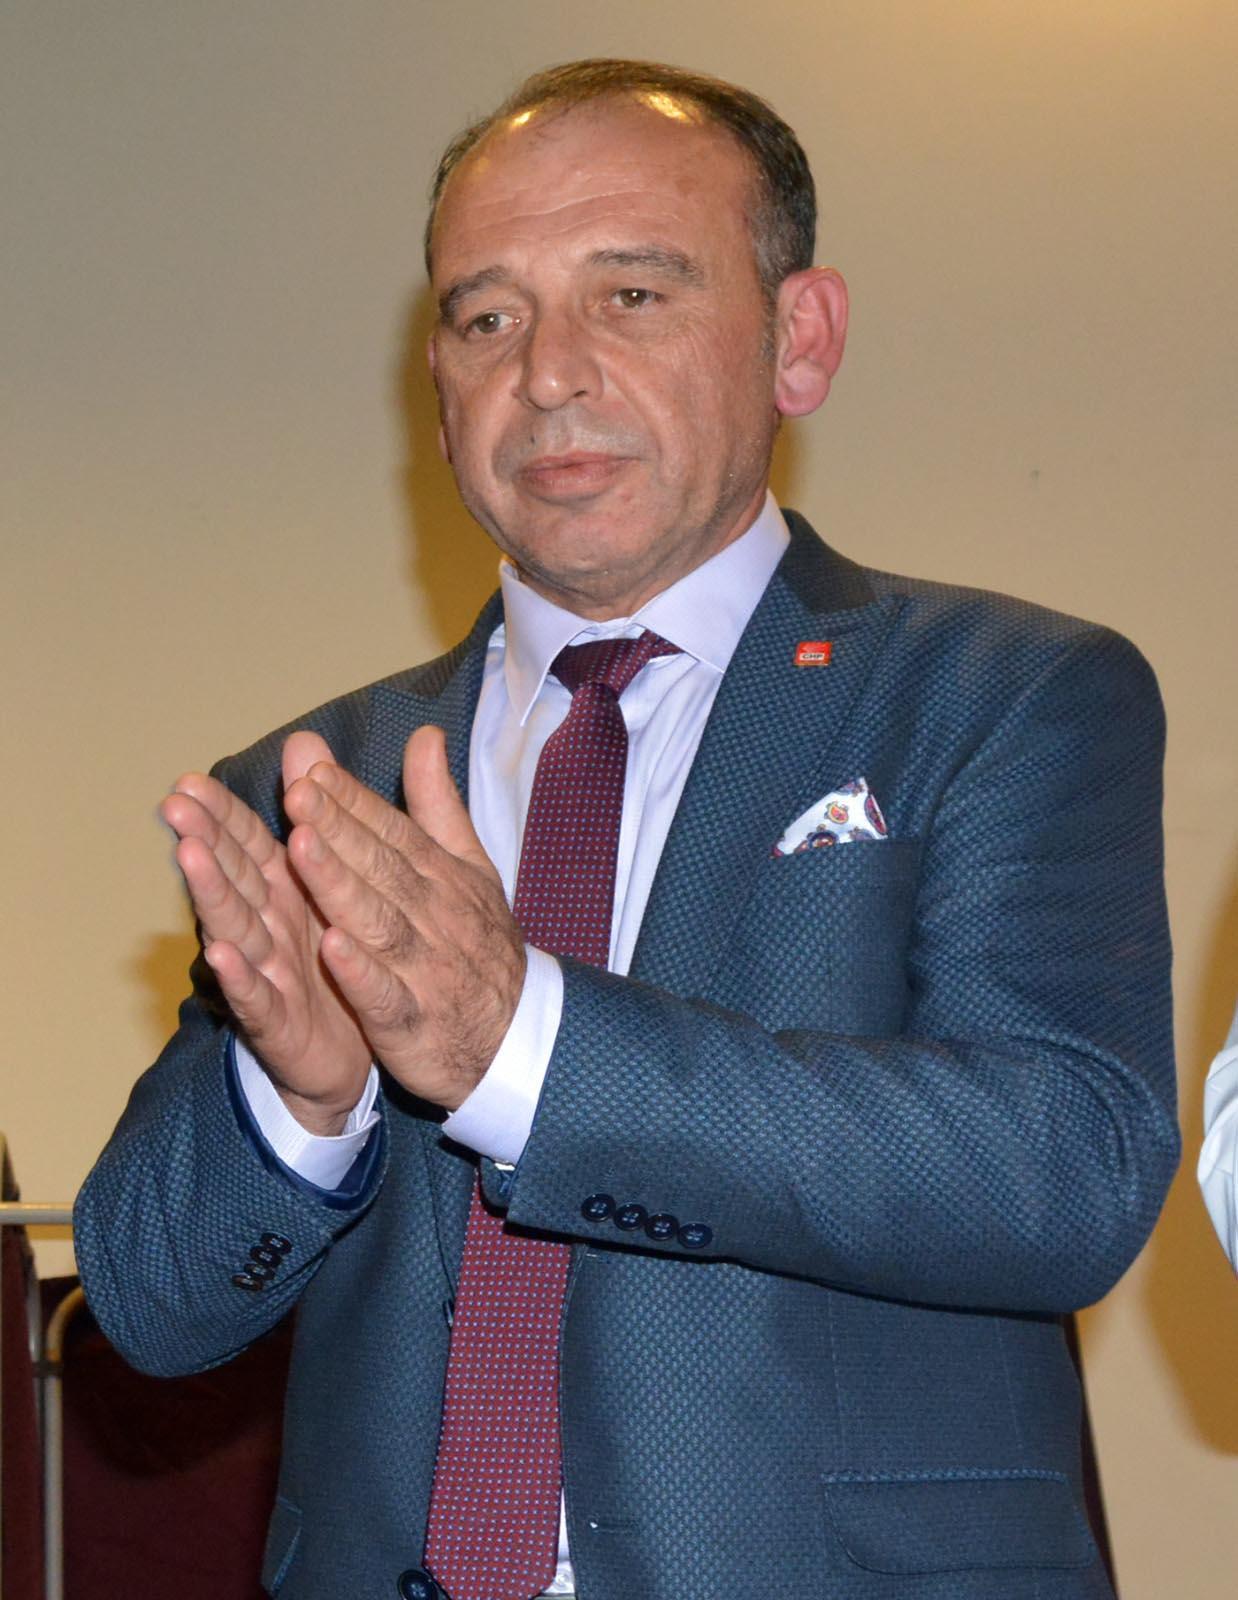 Manisa'daki 3 ilçede CHP'nin belediye başkan adayları belli oldu